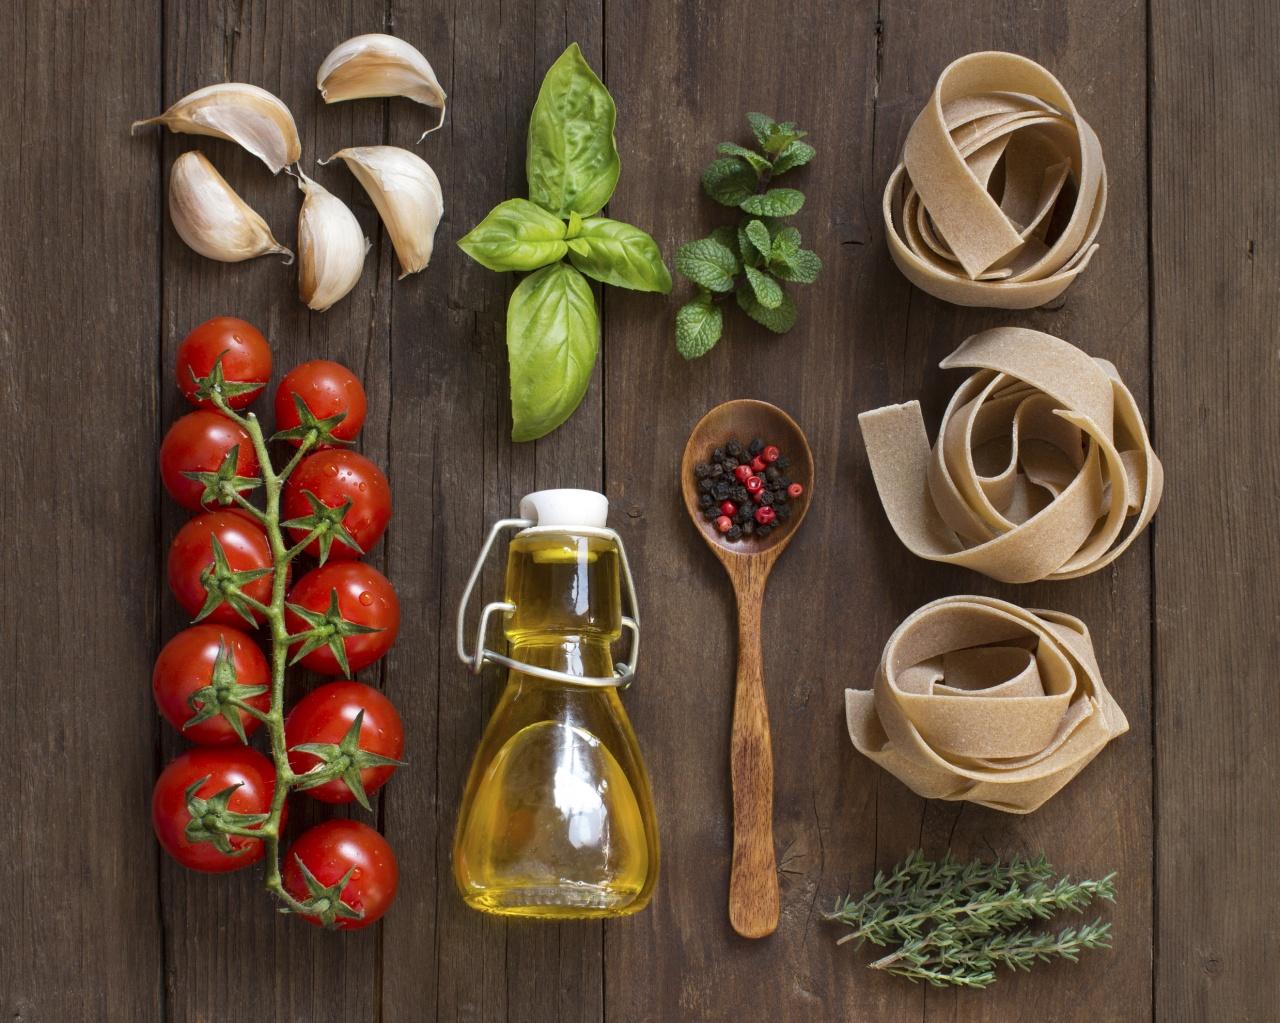 意粉是意大利地中海飲食不可或缺的主食,適量的意粉伴大量蔬菜,不會致肥,反而可改善BMI、腰圍及腰臀比例。(iStock)